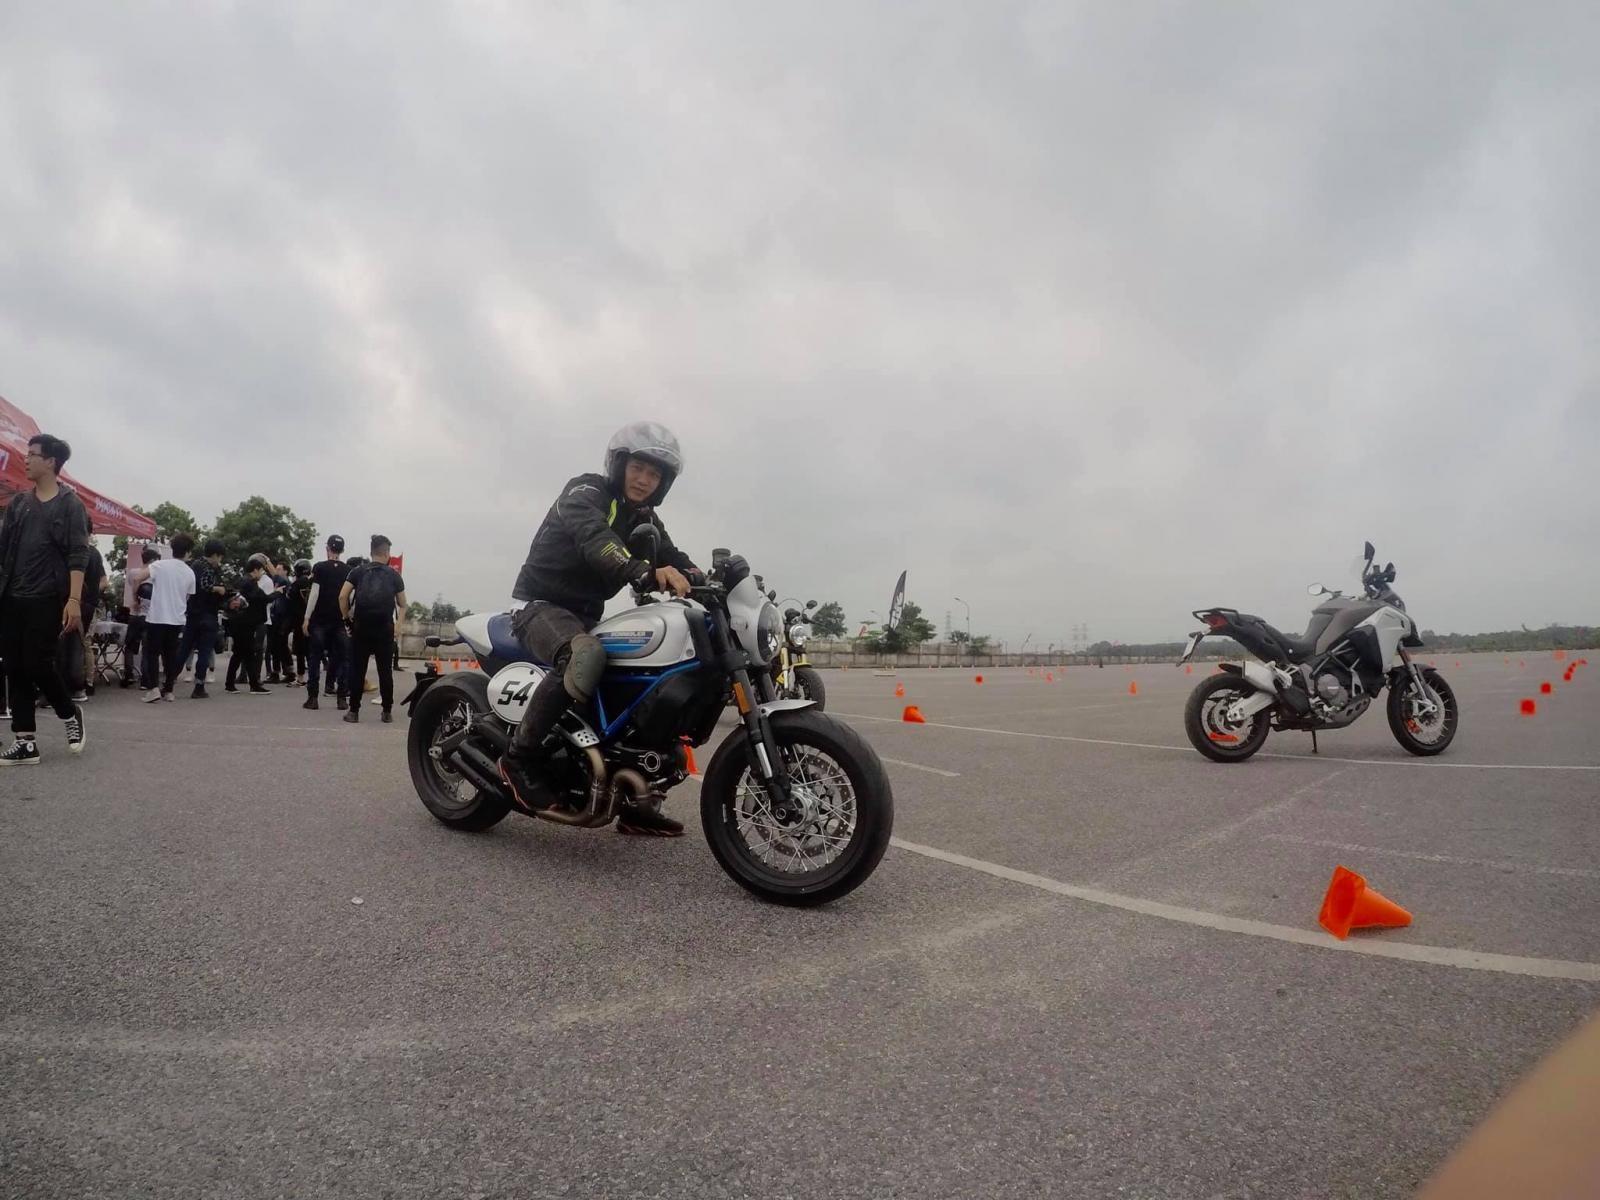 Mẫu xe Ducati Scrambler Cafe phiên bản mới được rất nhiều người quan tâm bởi vẻ lạ mắt, màu sắc độc đáo của nó. Những người trải nghiệm chiếc xe chia sẻ dù là dáng Cafe Racer nhưng chiếc xe rất dễ điều khiển và không còn bị quá nóng như các phiên bản trước.